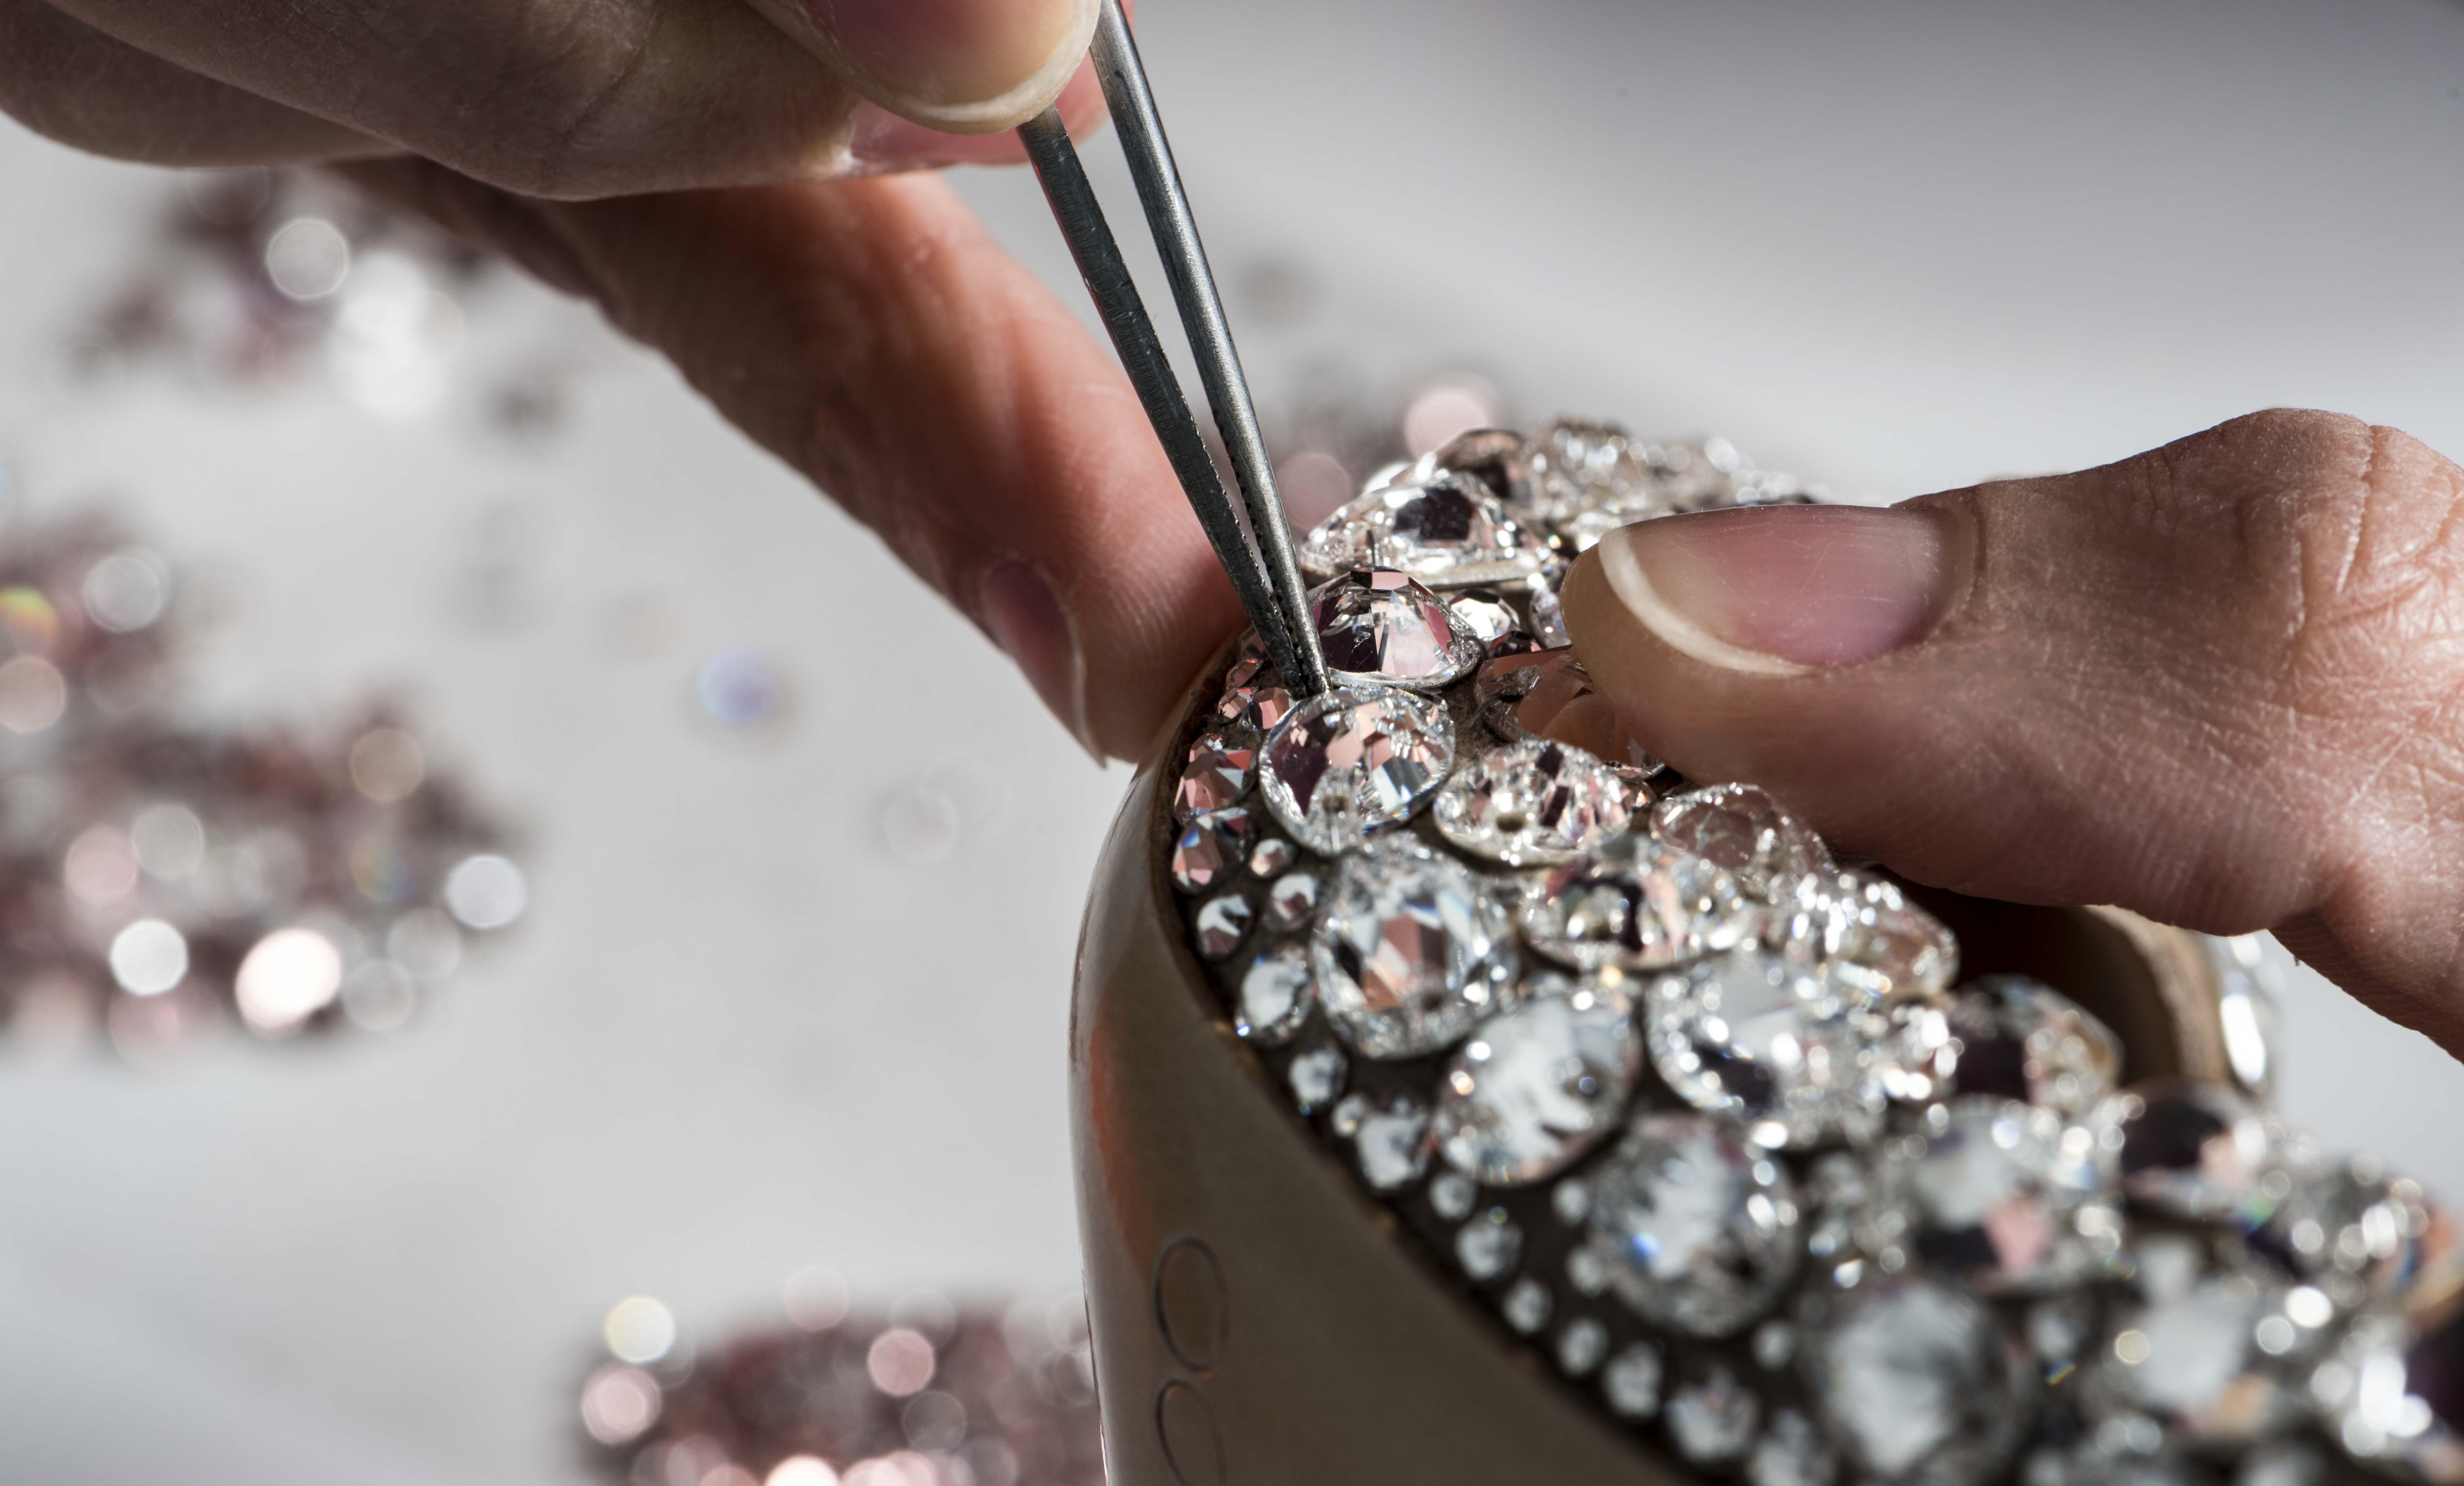 Immagine lavorazione artigianale a mano 1 | Goretti applicazione accessori moda